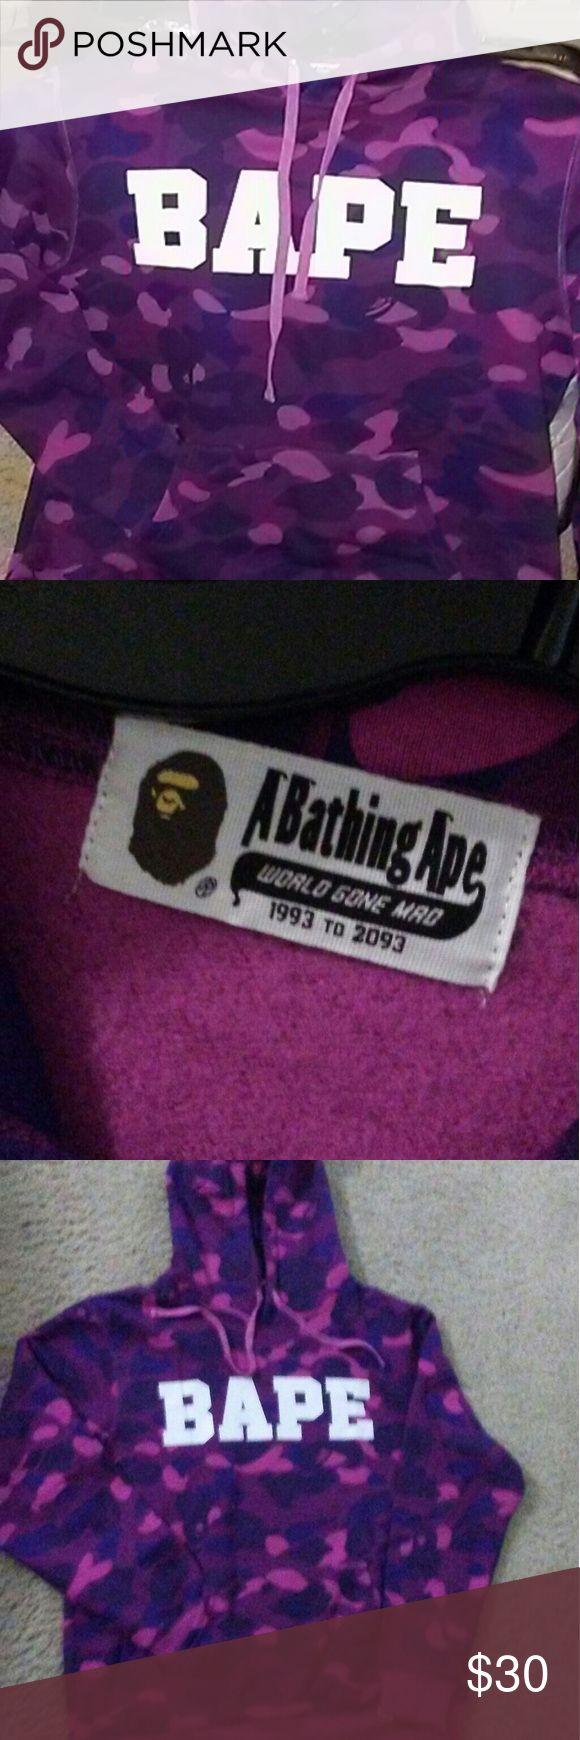 Bape purple camo hoodie Bathing ape purple bape hooded sweatshirt new w/o tags Bathing Ape Sweaters